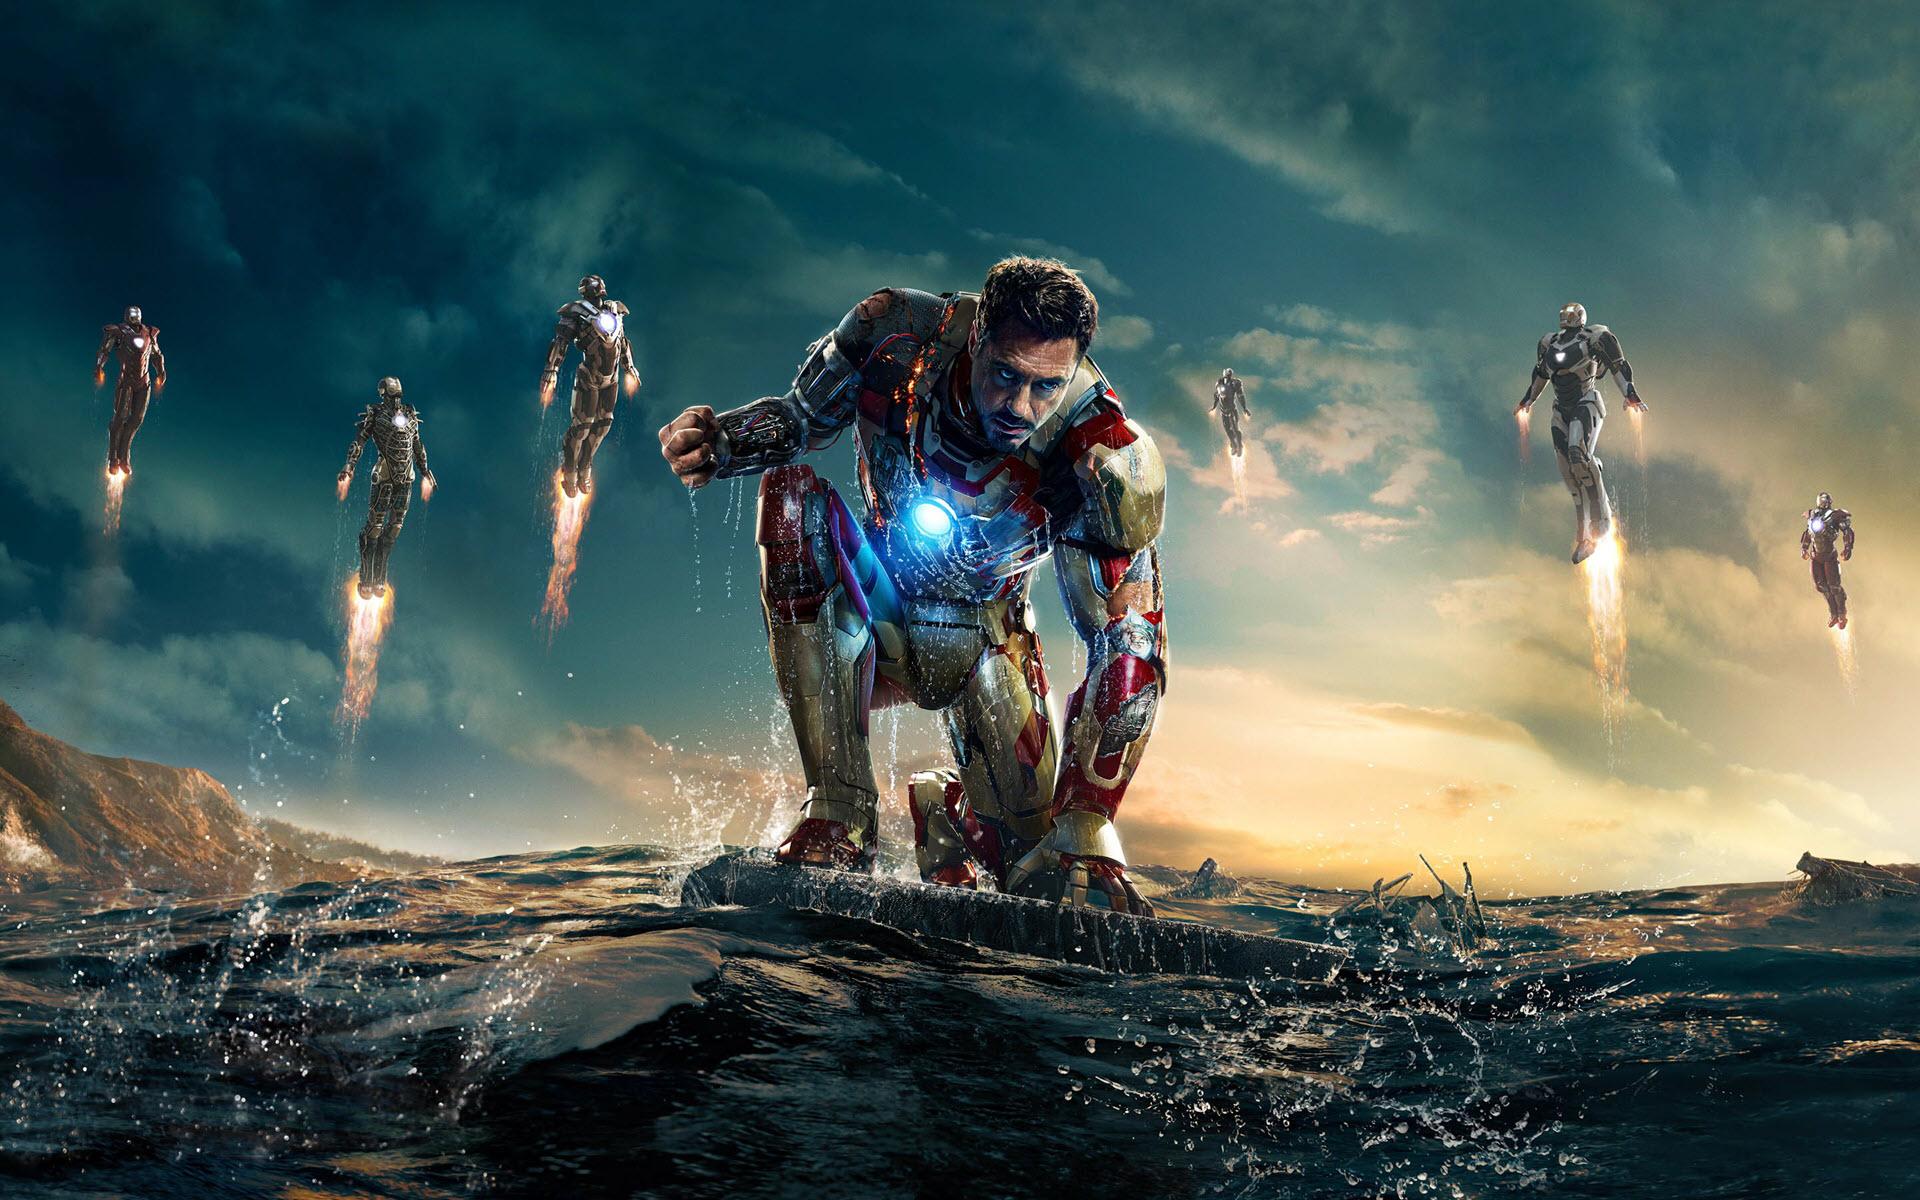 Hình nền Iron Man cho máy tính